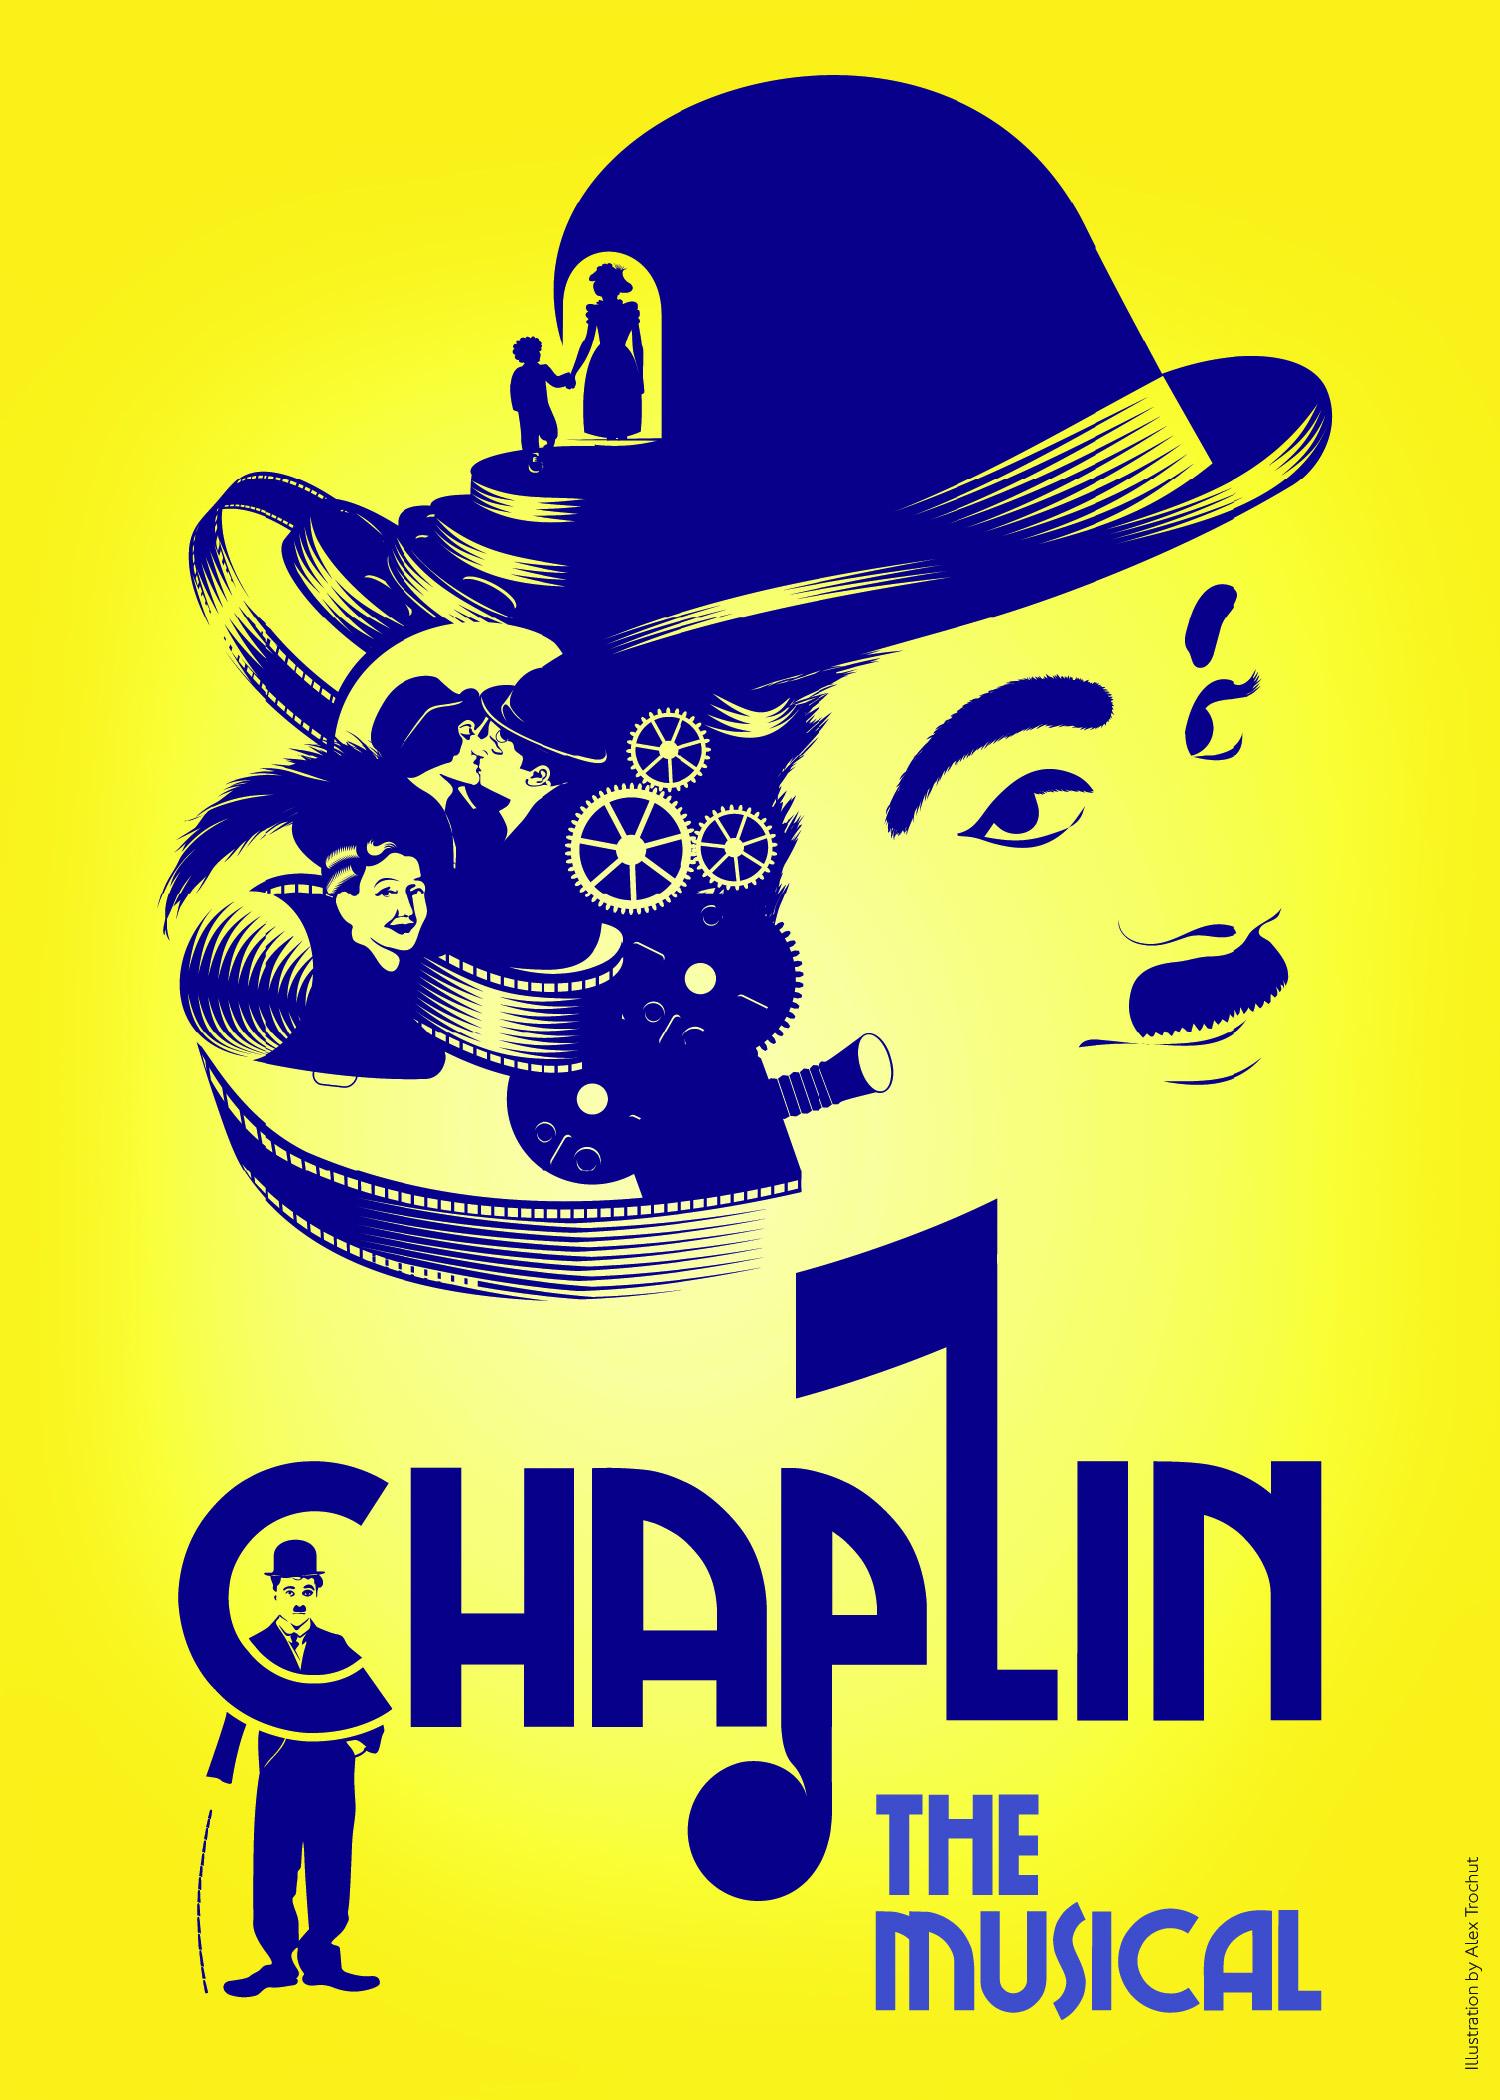 чарли чаплин ресторан спб афиша рядом Парк